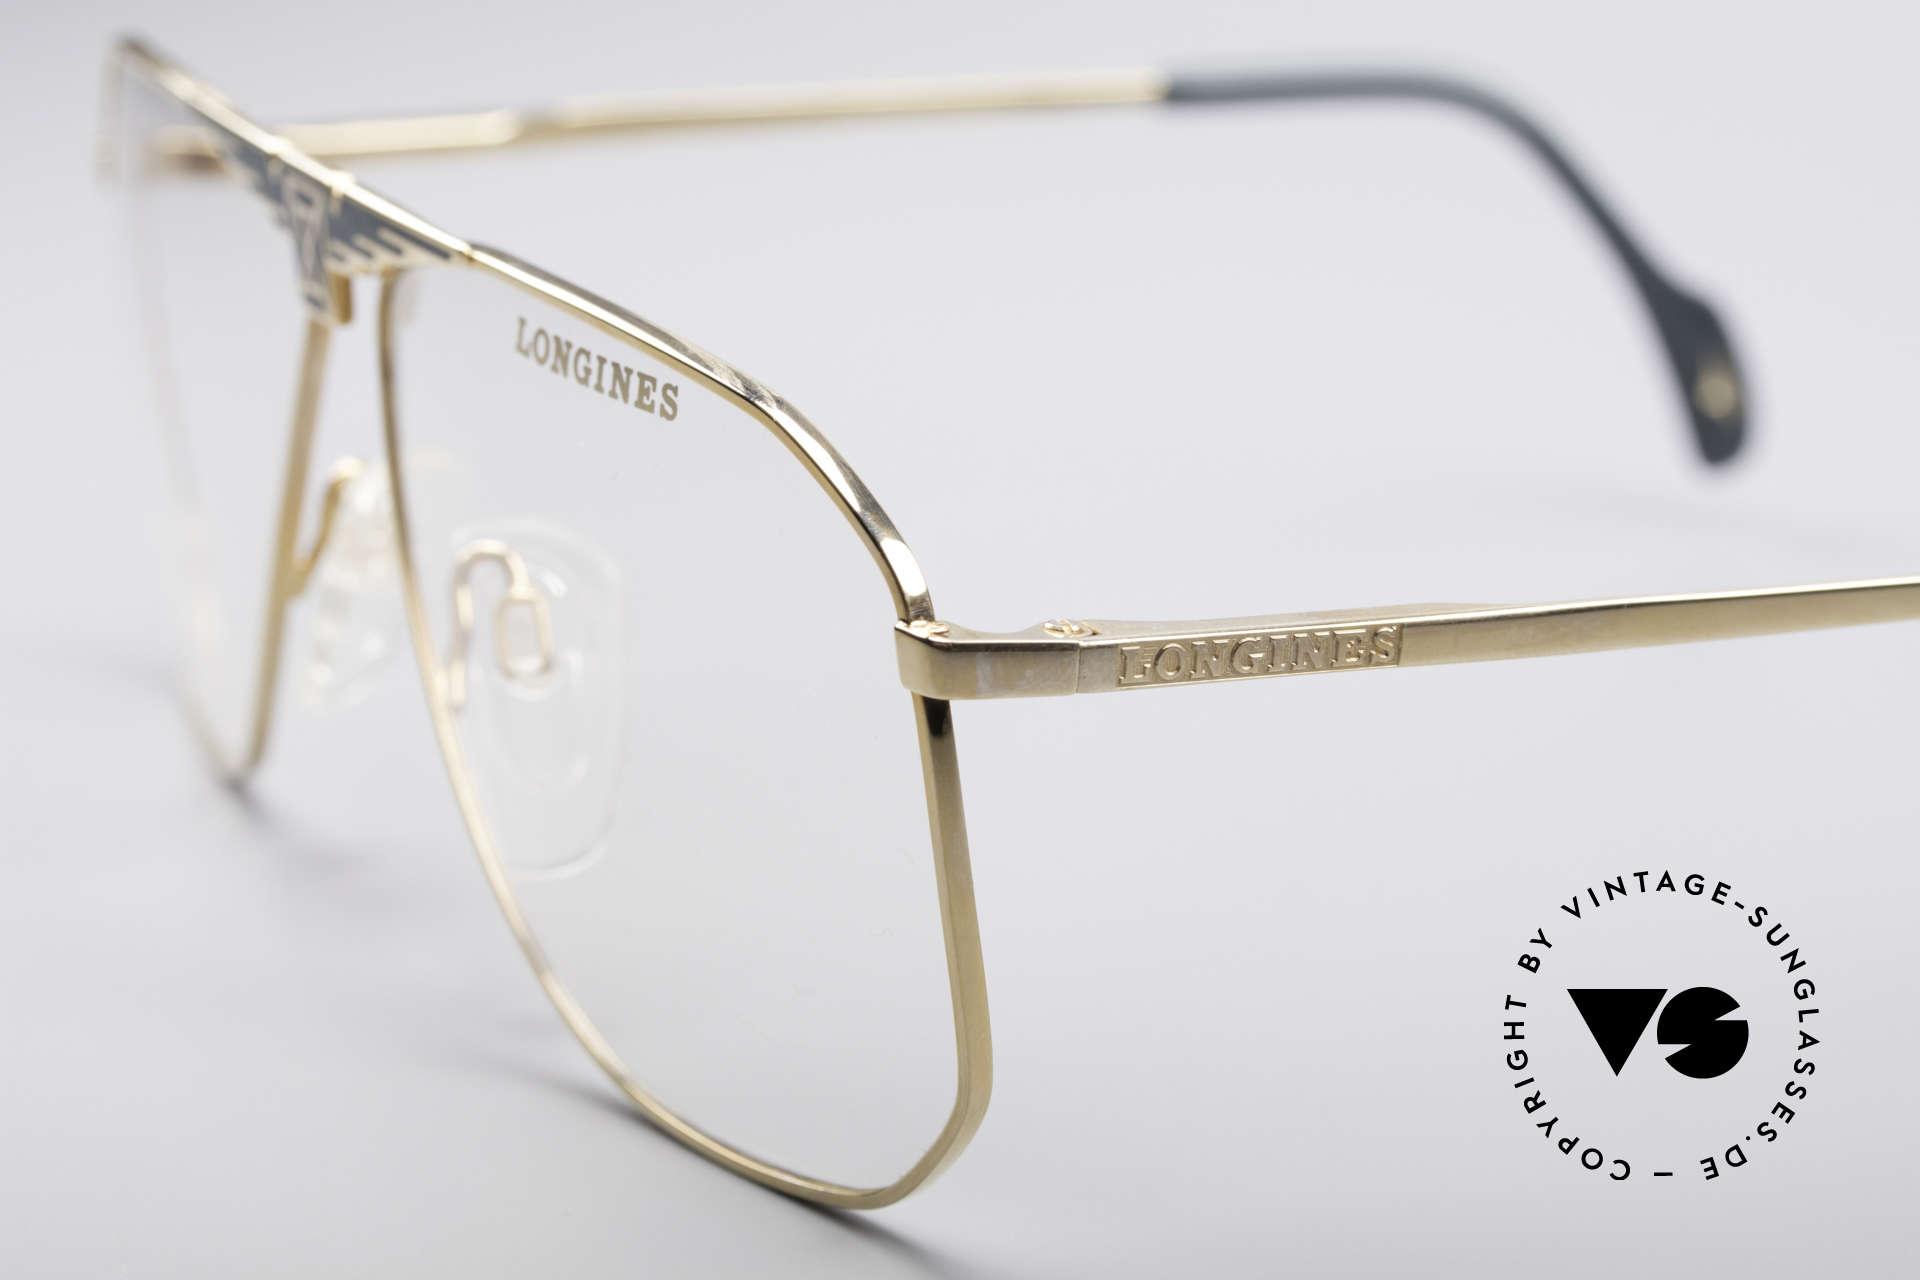 Longines 0155 80er Designer Fassung, Premium-Qualität und markant (mal 'was anderes'), Passend für Herren